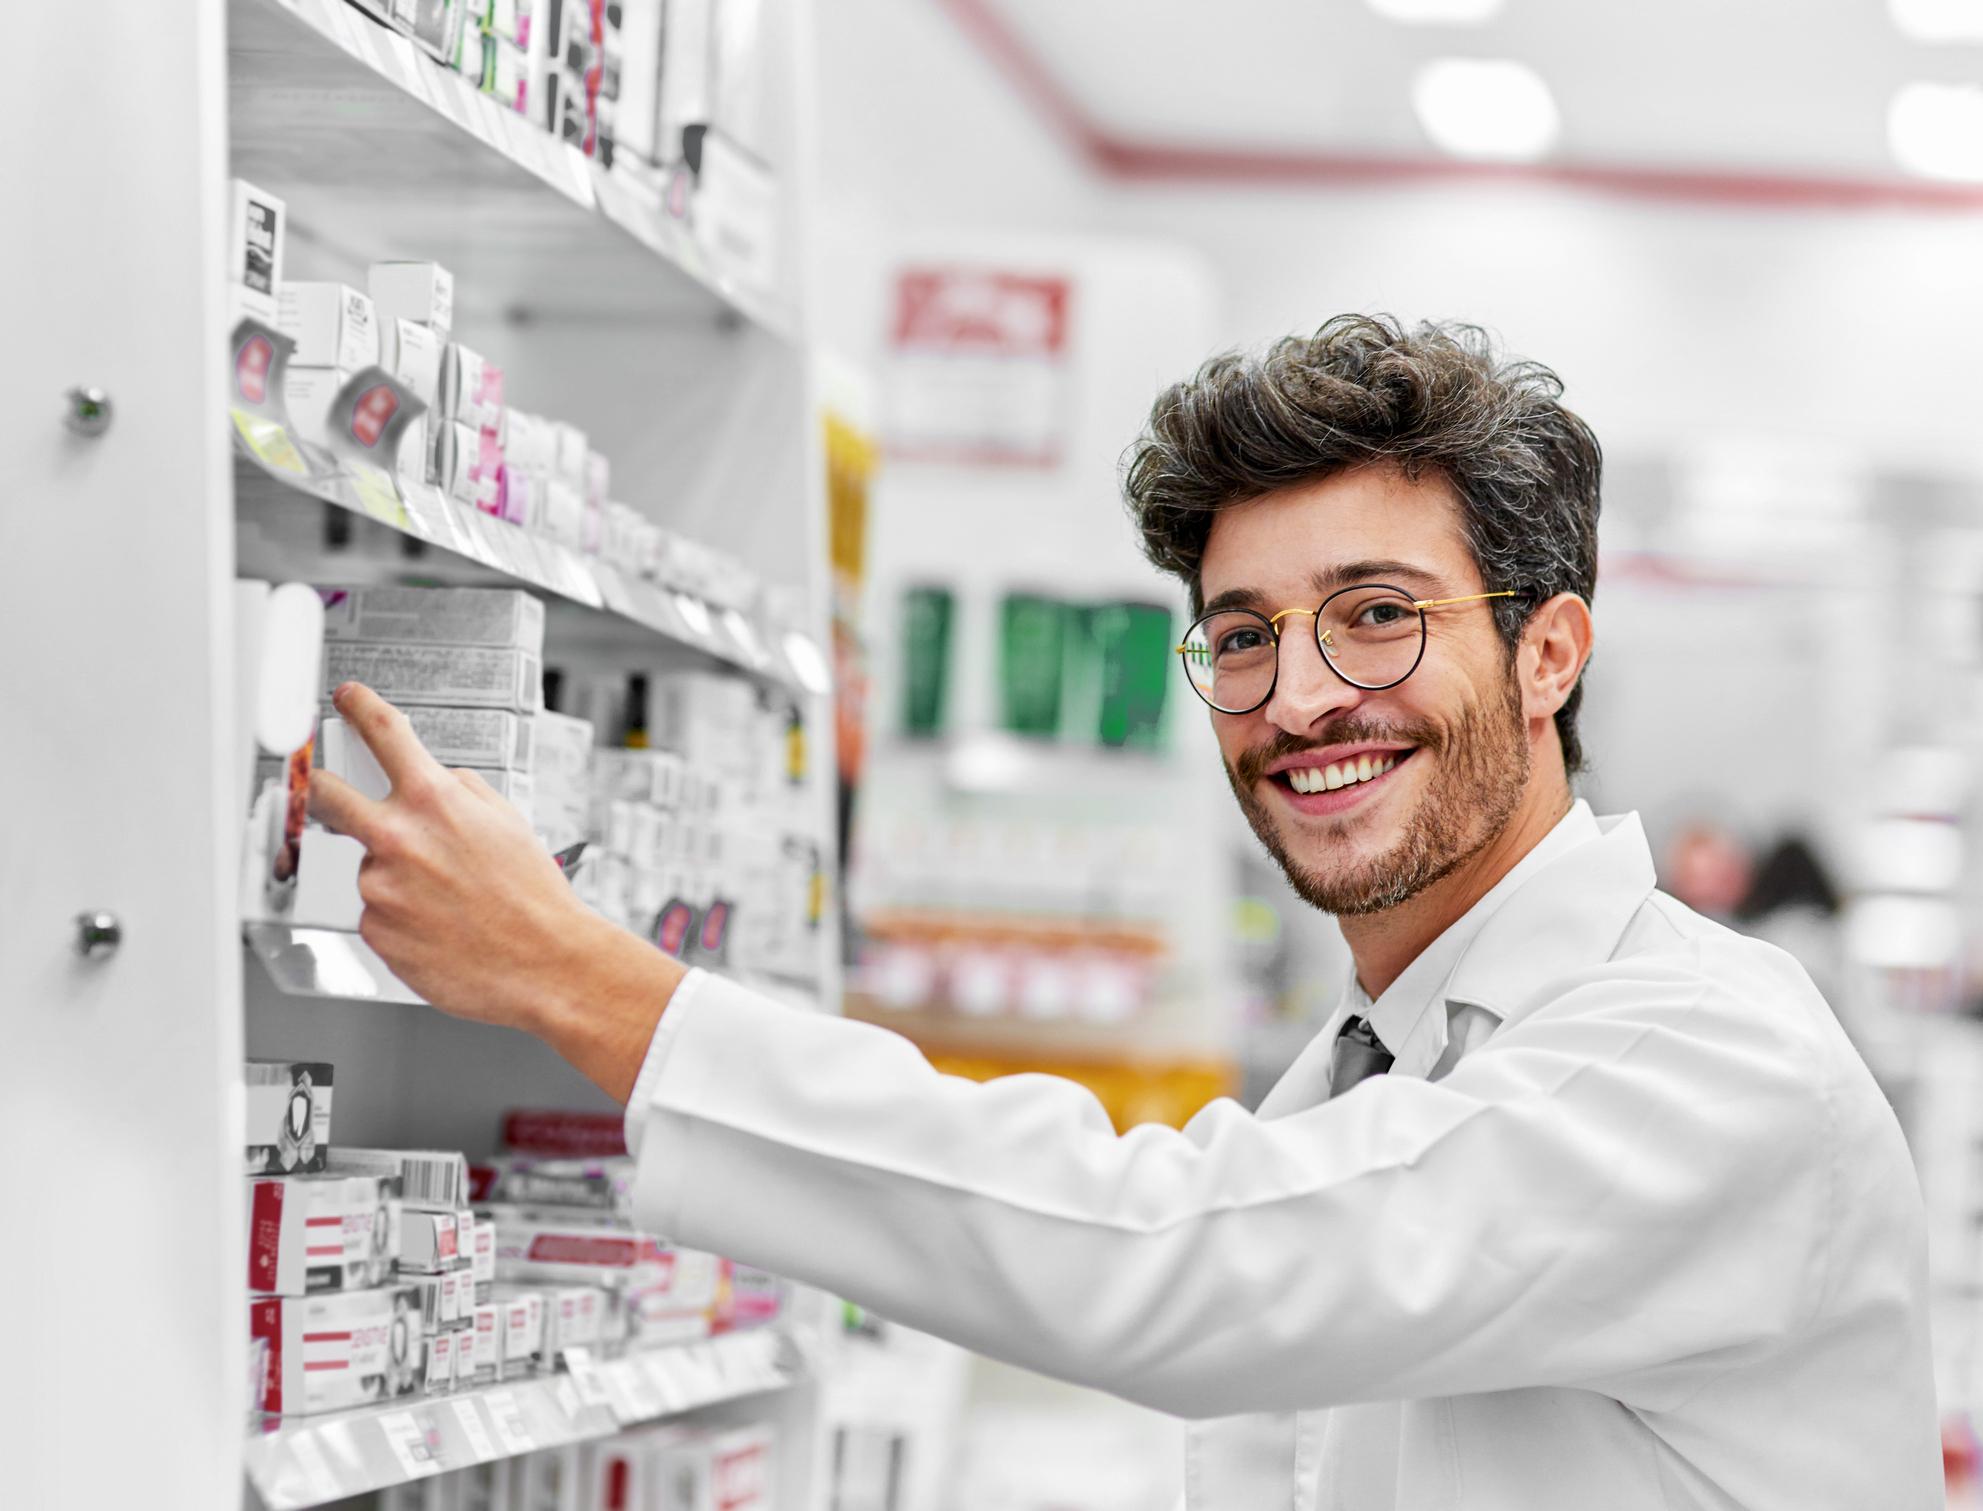 Bless You Pharmazie Praktikant